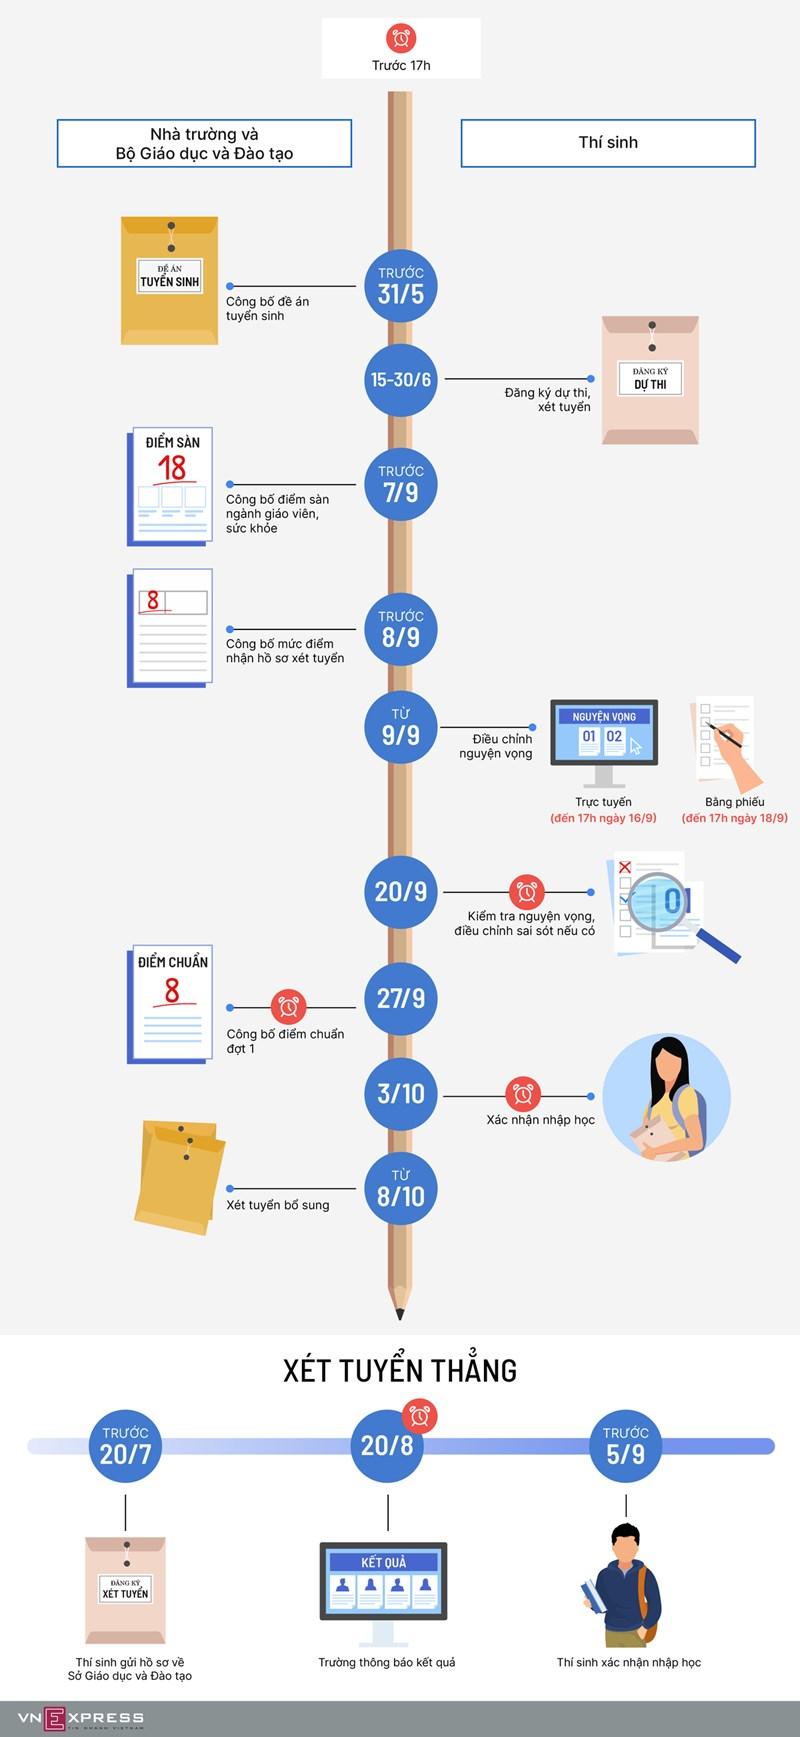 [Infographics] Các mốc tuyển sinh năm 2020 thí sinh cần nhớ - Ảnh 1